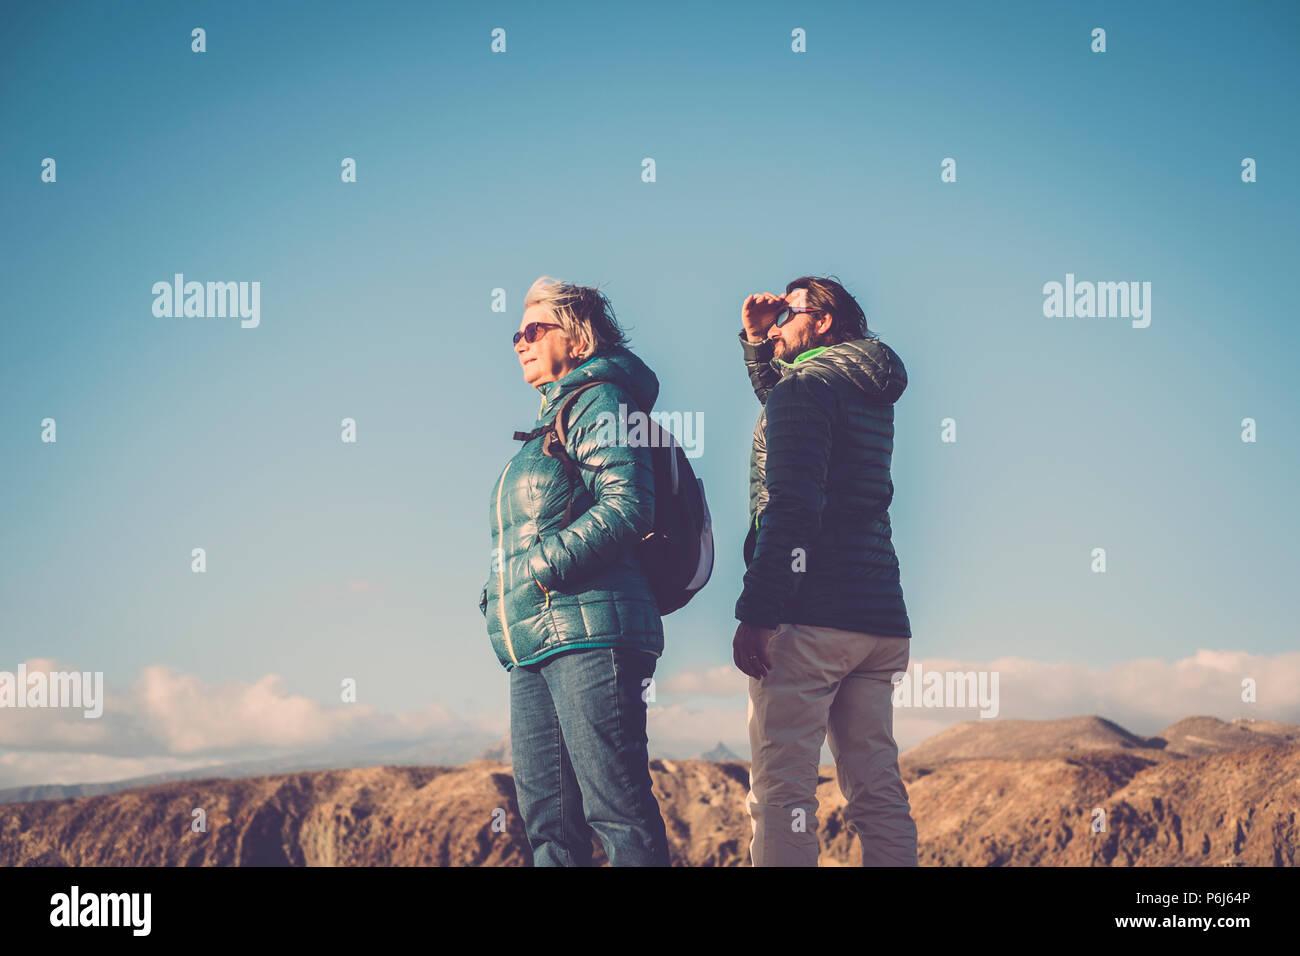 Paare unterschiedlichen Alters wie Mutter und Sohn gehen zusammen in trekking Aktivität auf einem Berg. Wandern Freizeit aktive Menschen draußen in der Natur Stockbild